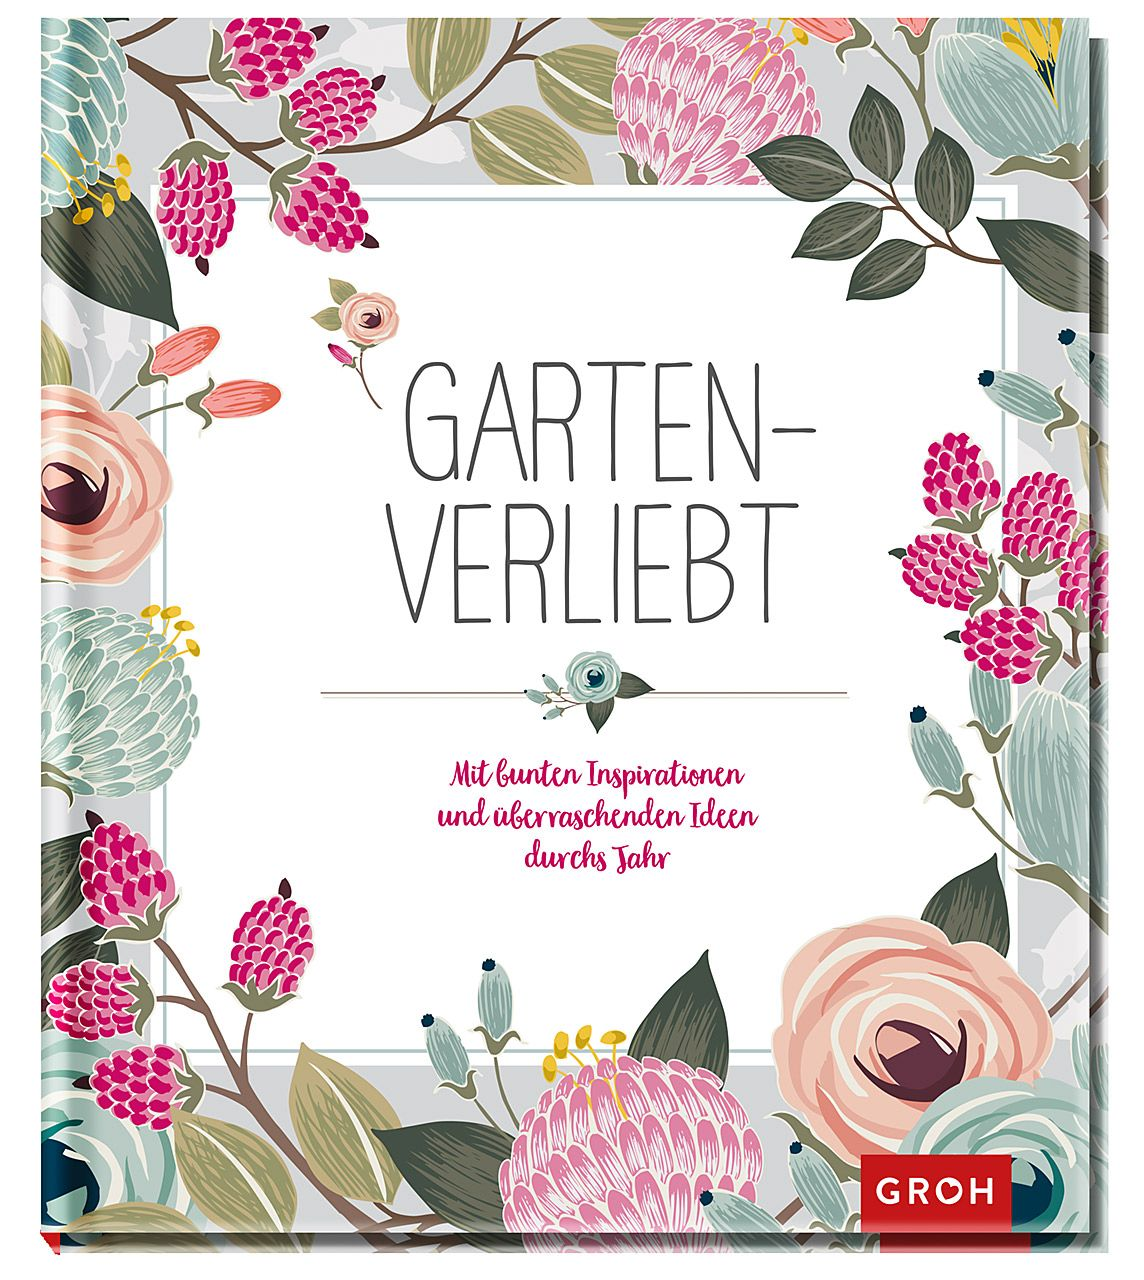 Gartenverliebt